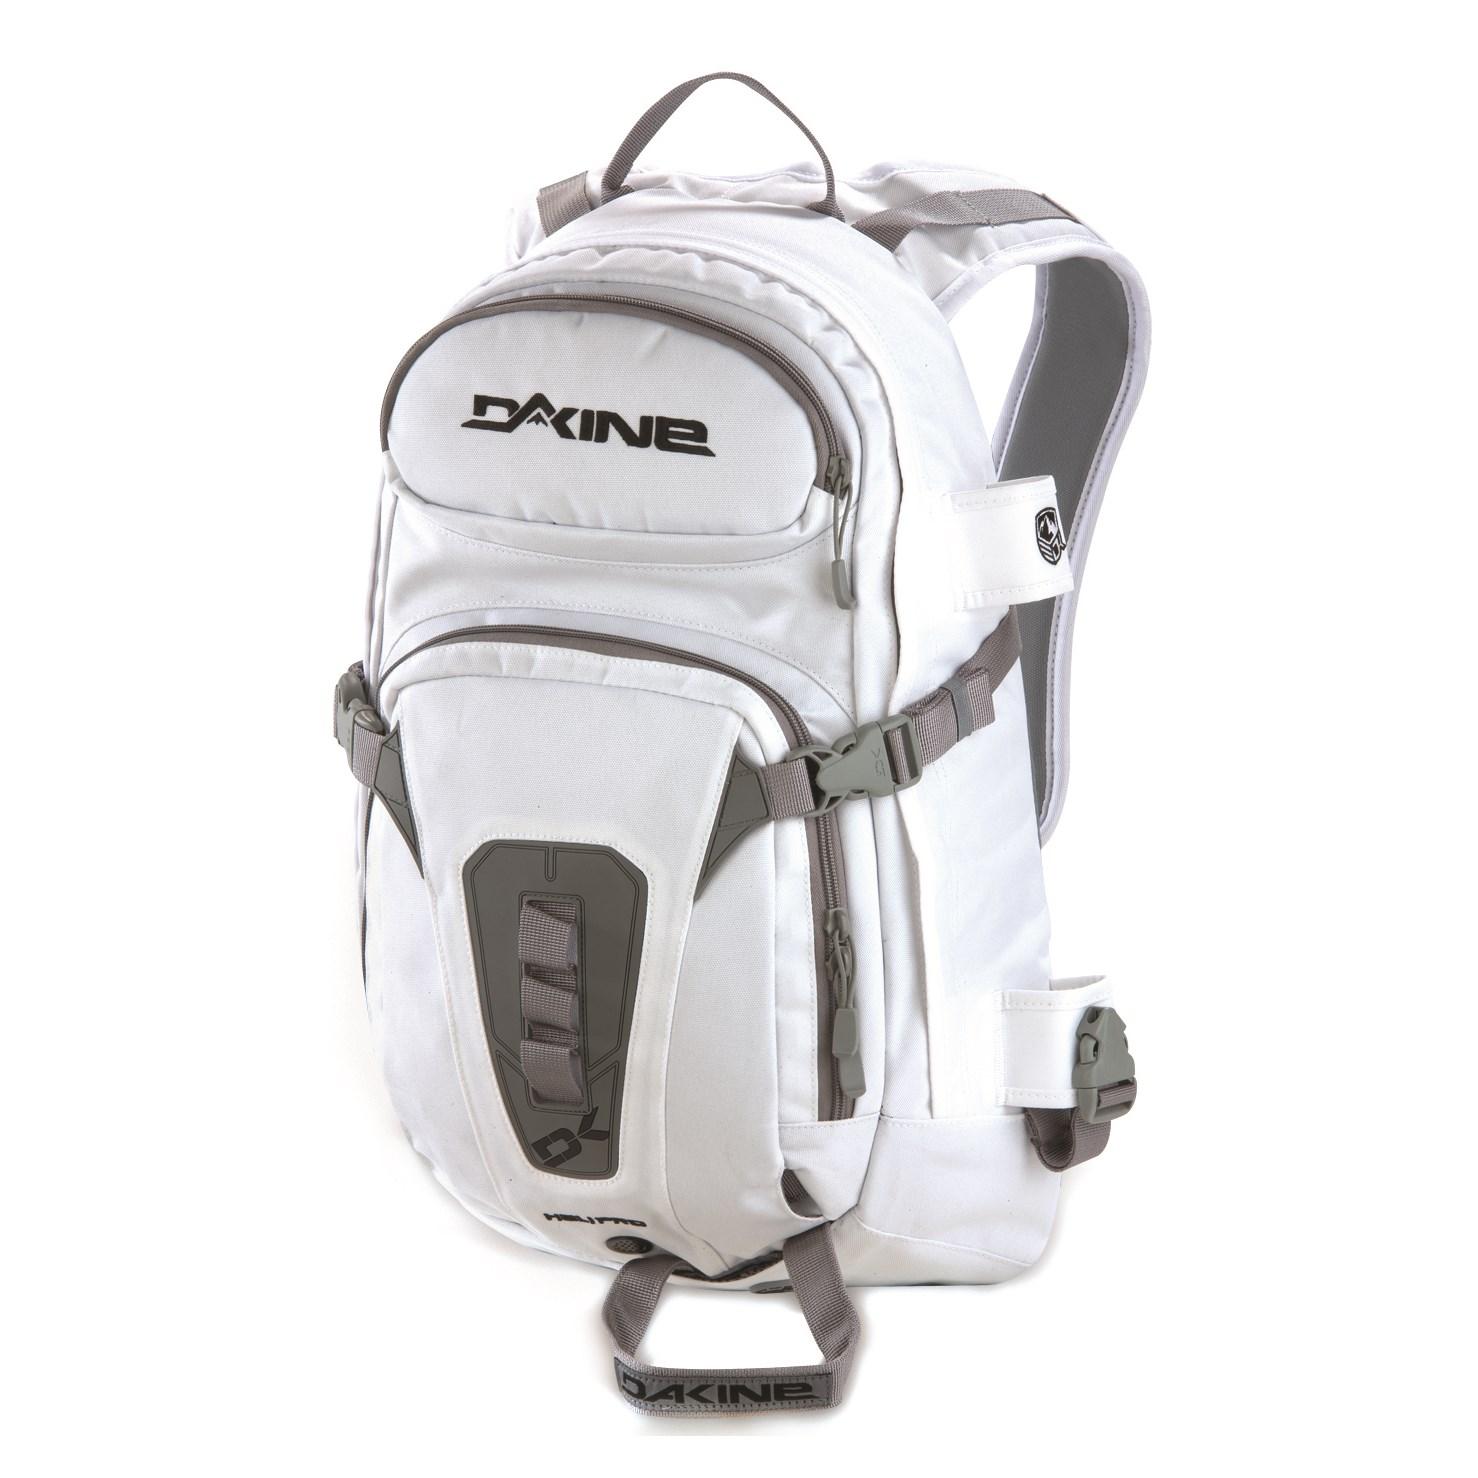 DaKine Heli Pro 20L Backpack | evo outlet